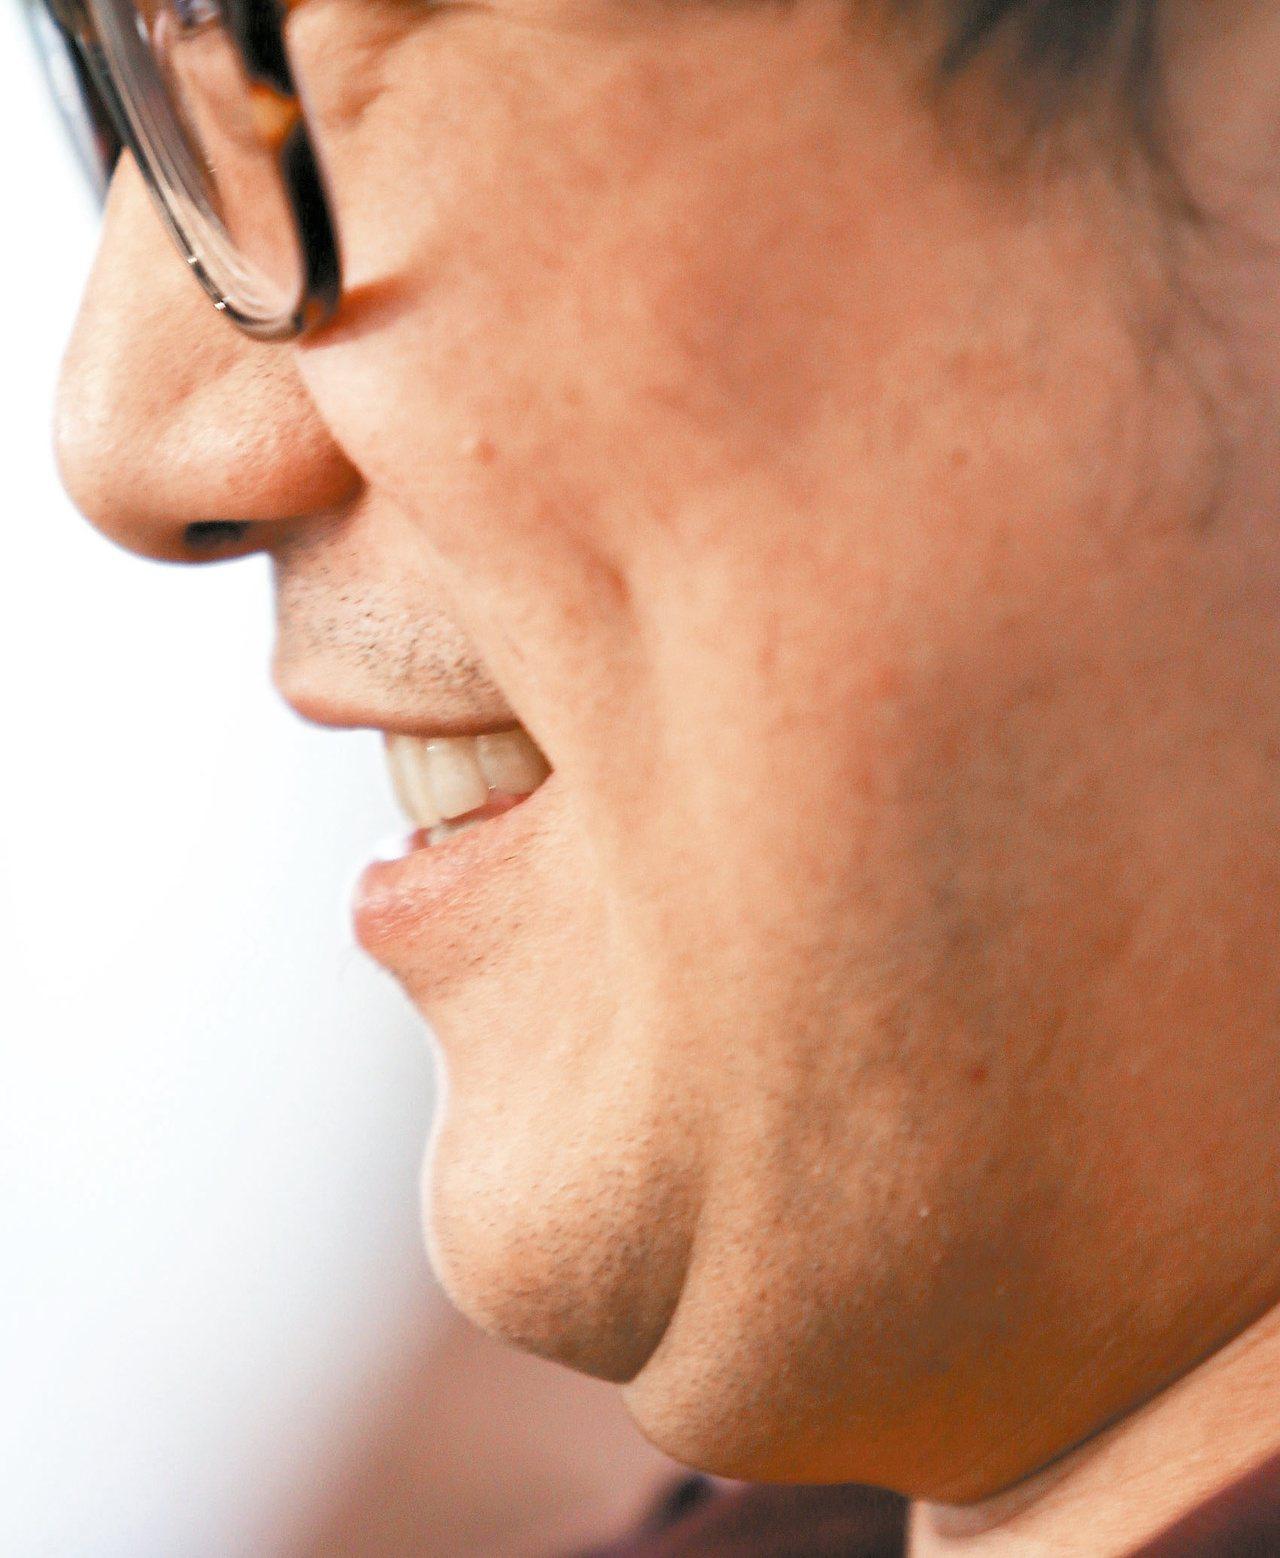 美國食品藥物管理局(FDA)29日核准可用於消除雙下巴脂肪的成人注射藥物基貝拉上...